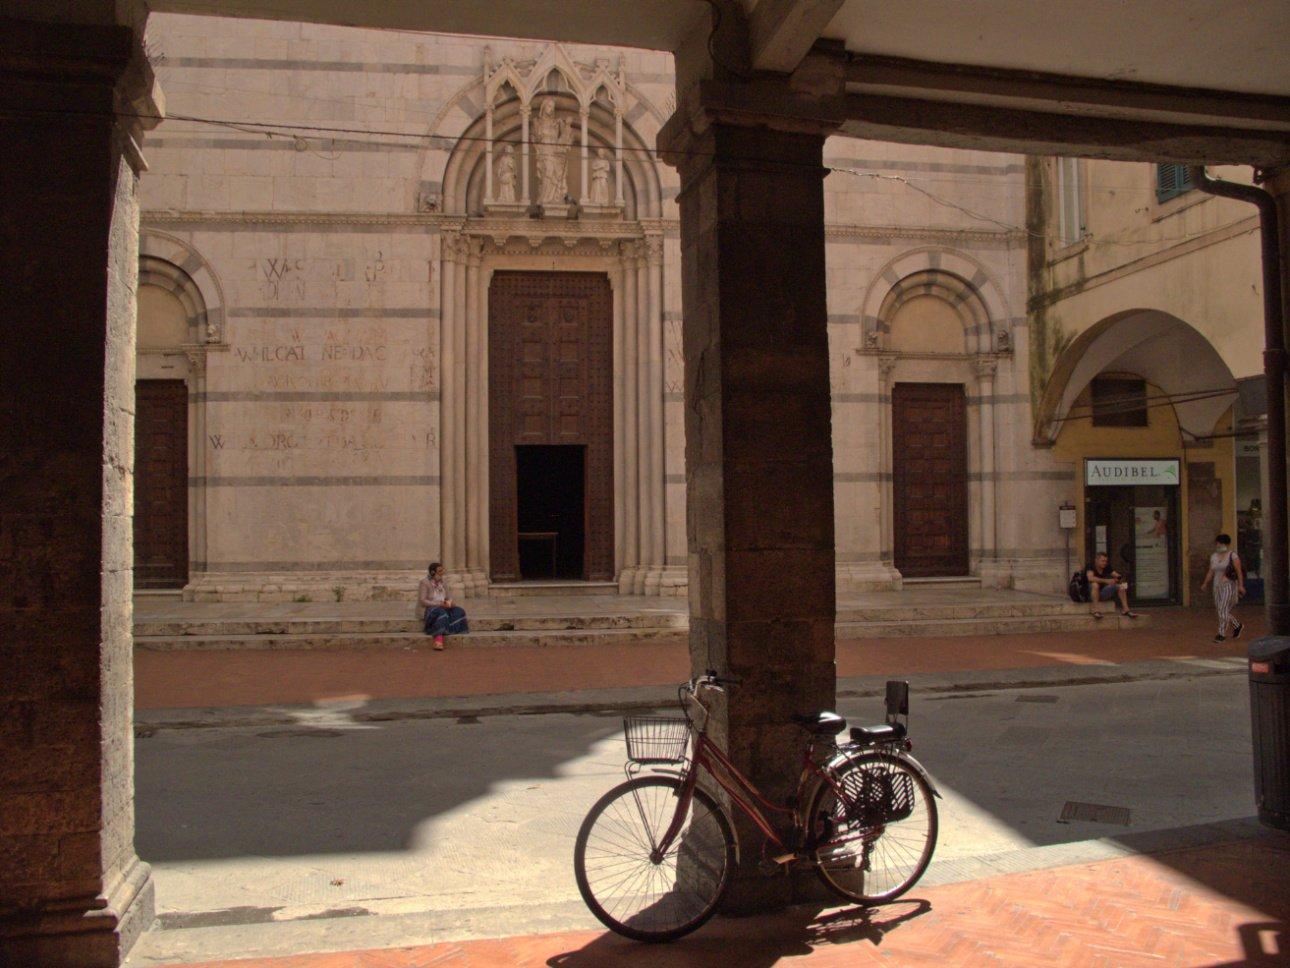 pisa in bici - borgo stretto - chiesa di san michele in borgo